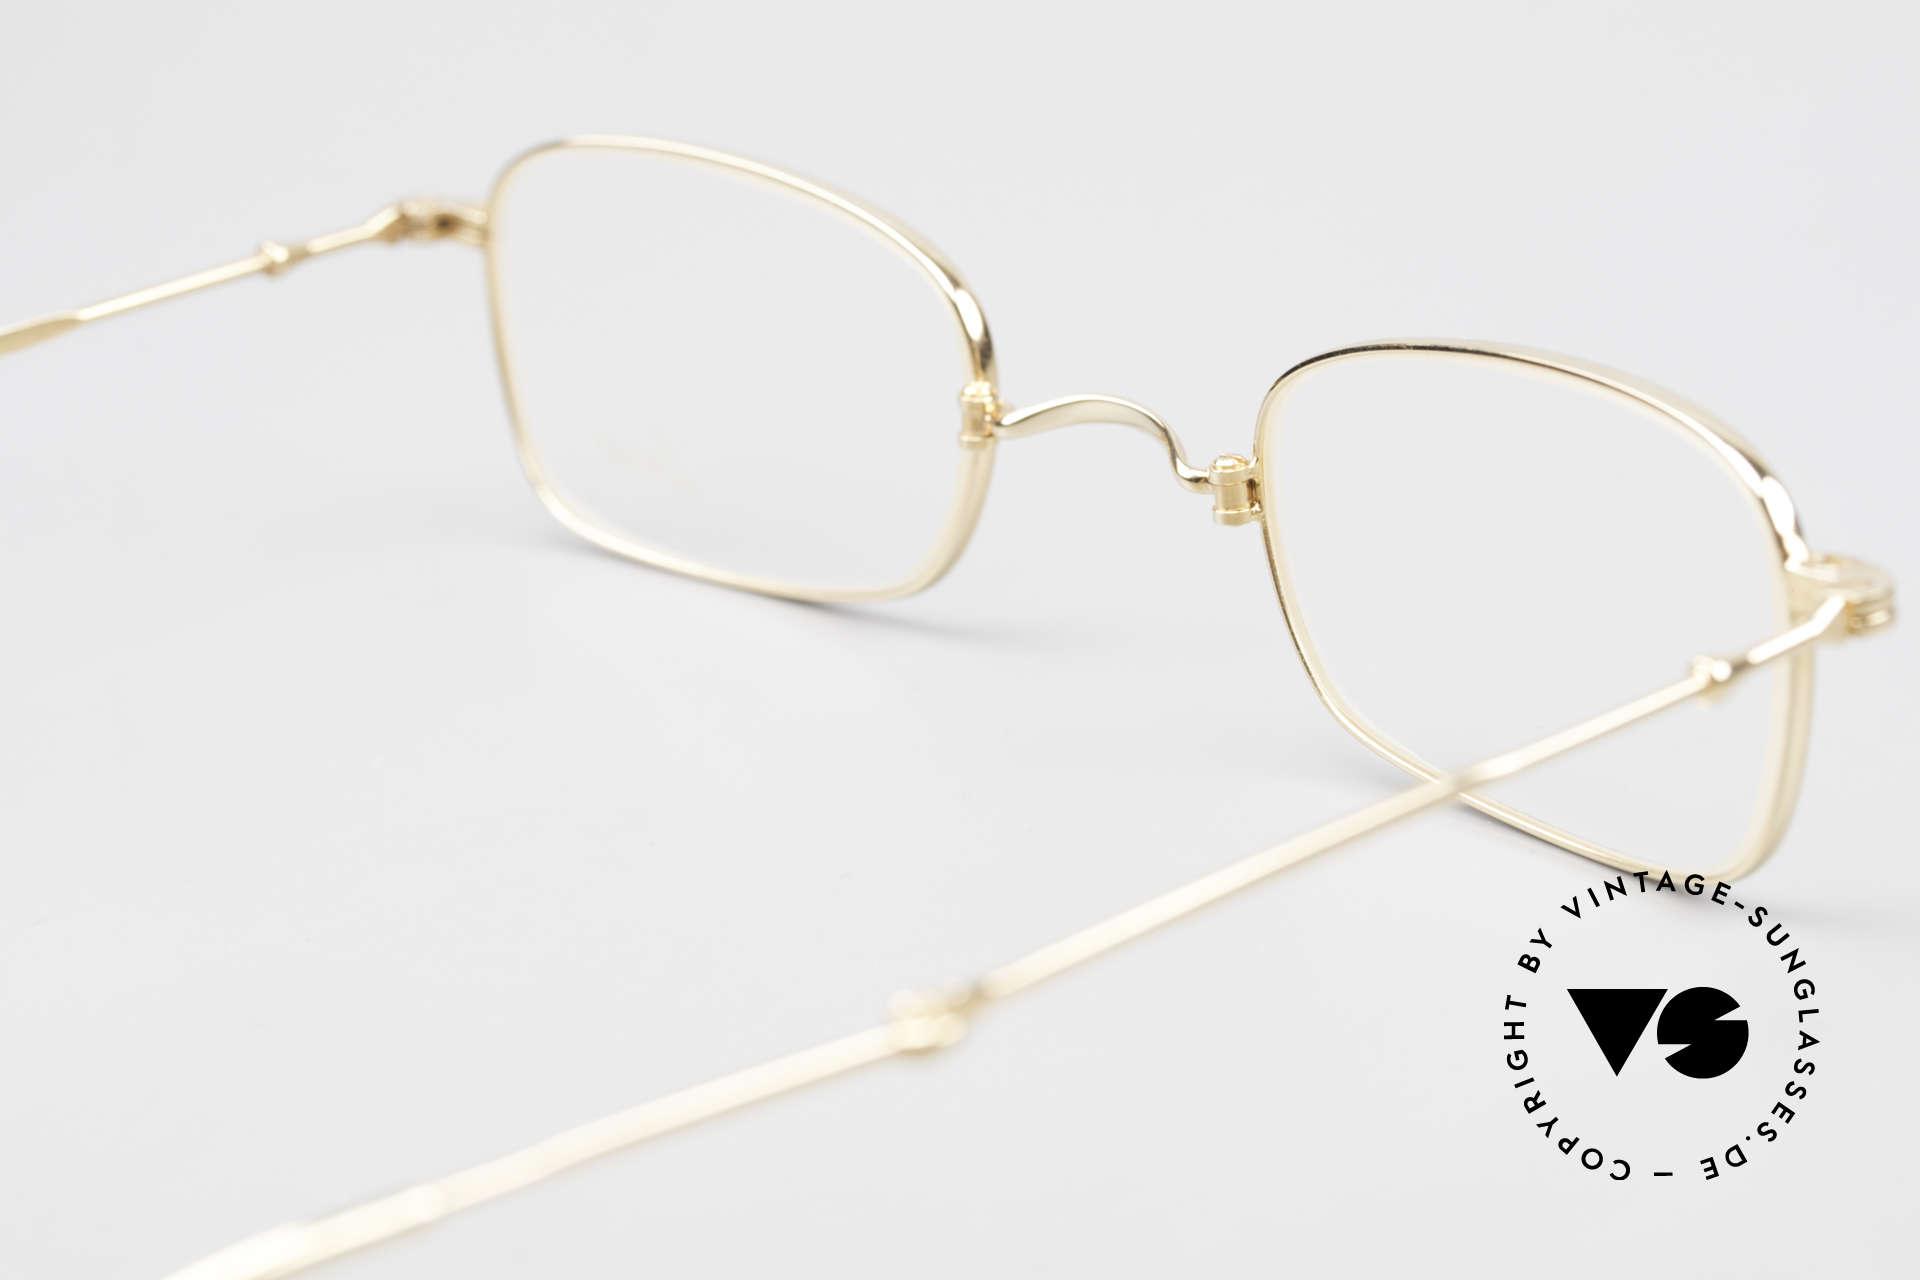 Lunor XXV Folding 02 Foldable Frame Gold Plated, NO RETRO EYEGLASSES, but a precious LUNOR ORIGINAL, Made for Men and Women